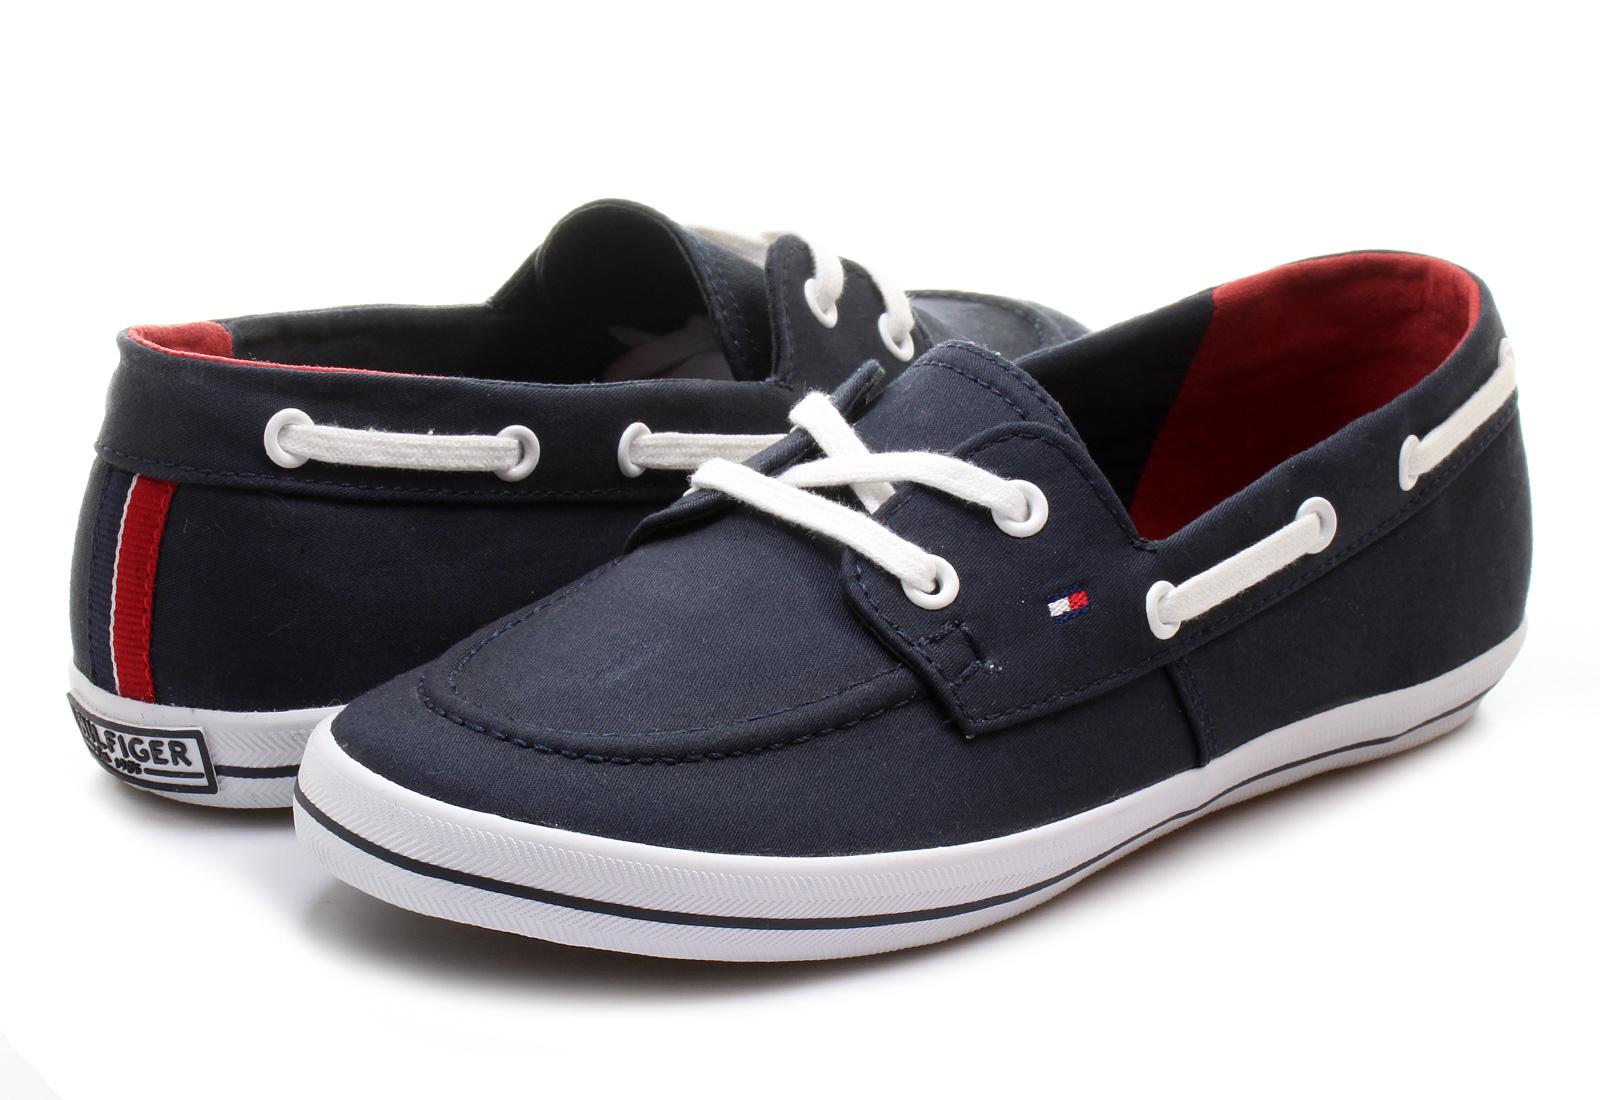 tommy hilfiger shoes victoria 11d 15s 9049 403 online shop for. Black Bedroom Furniture Sets. Home Design Ideas